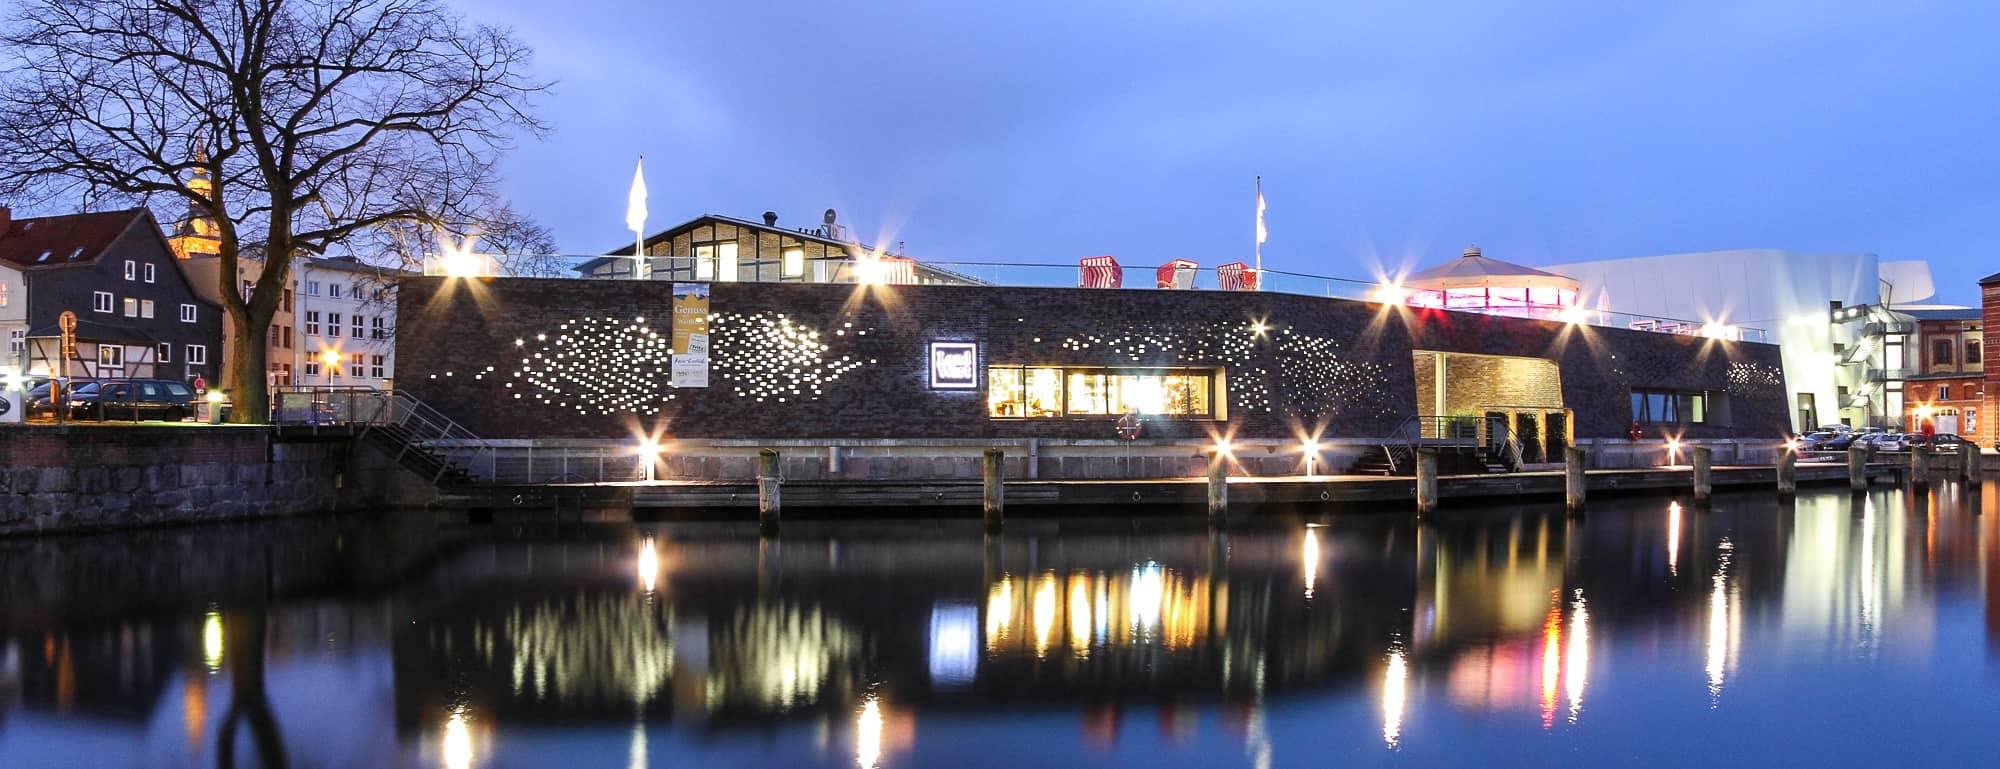 Kronlastadie Stralsund bei Nacht